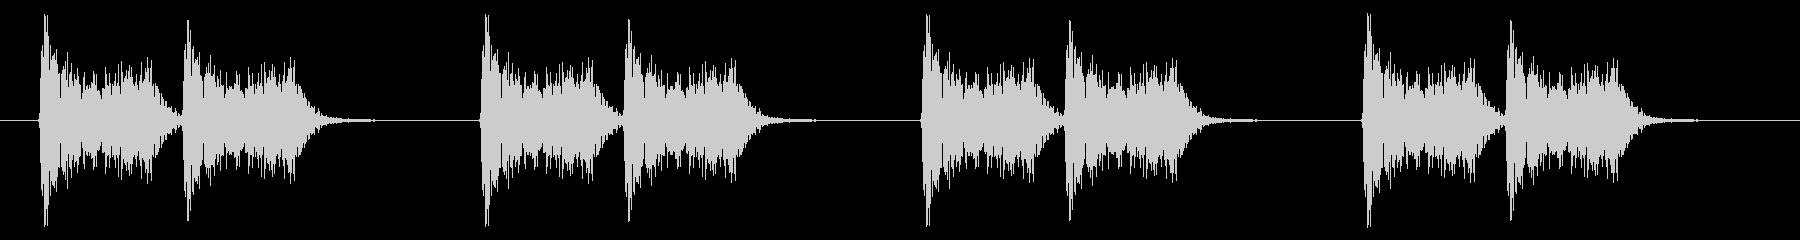 緊急アラート02-4(遠い)の未再生の波形